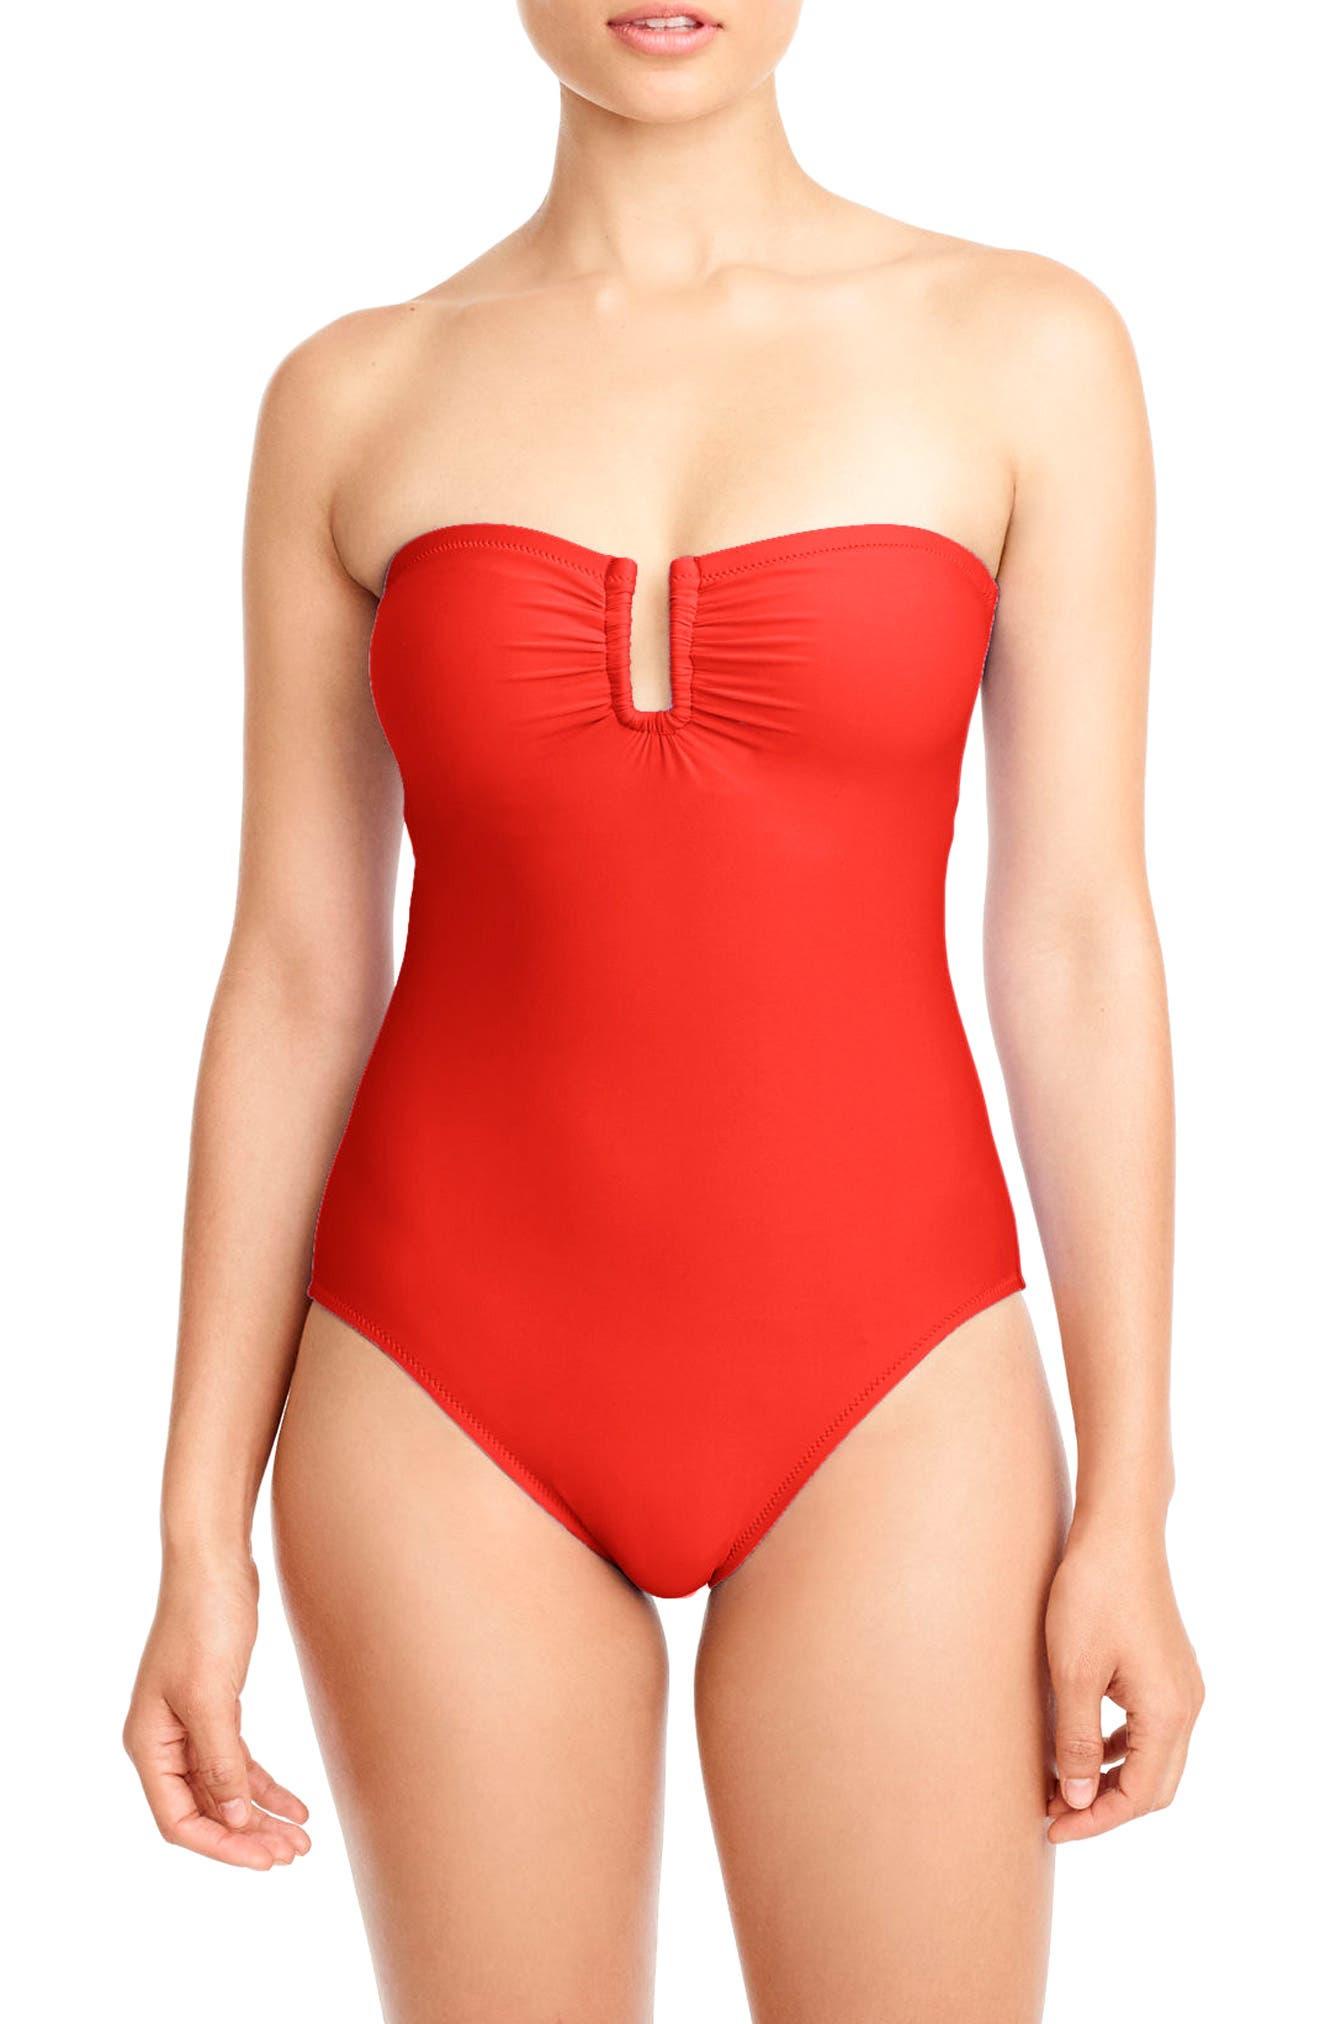 U-Front Bandeau One-Piece Swimsuit,                             Main thumbnail 1, color,                             600